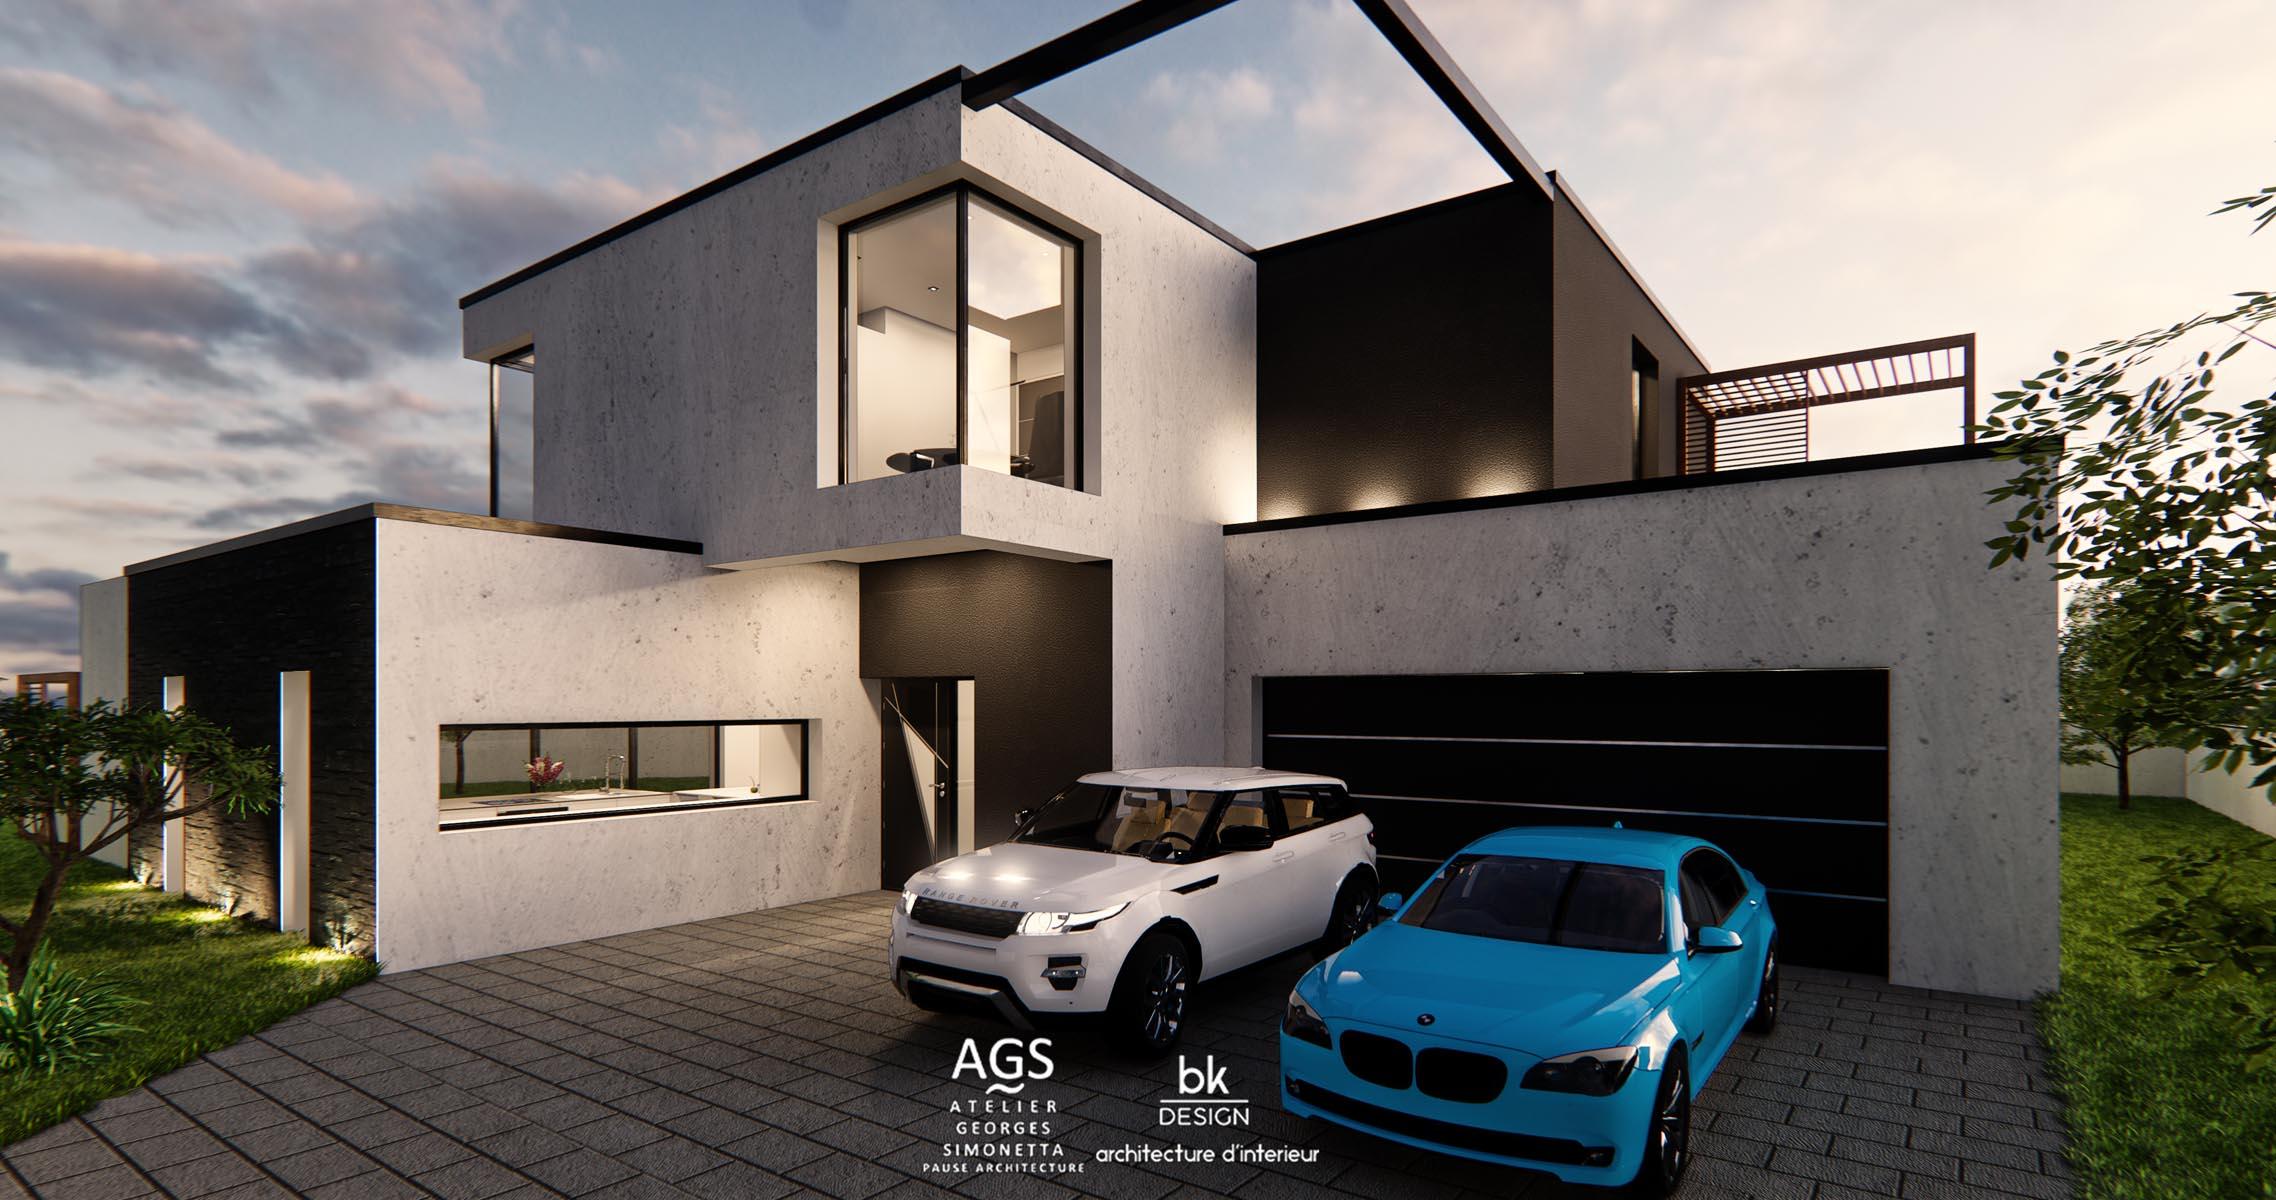 35 bk Design Projet Elange v3 01 Villa